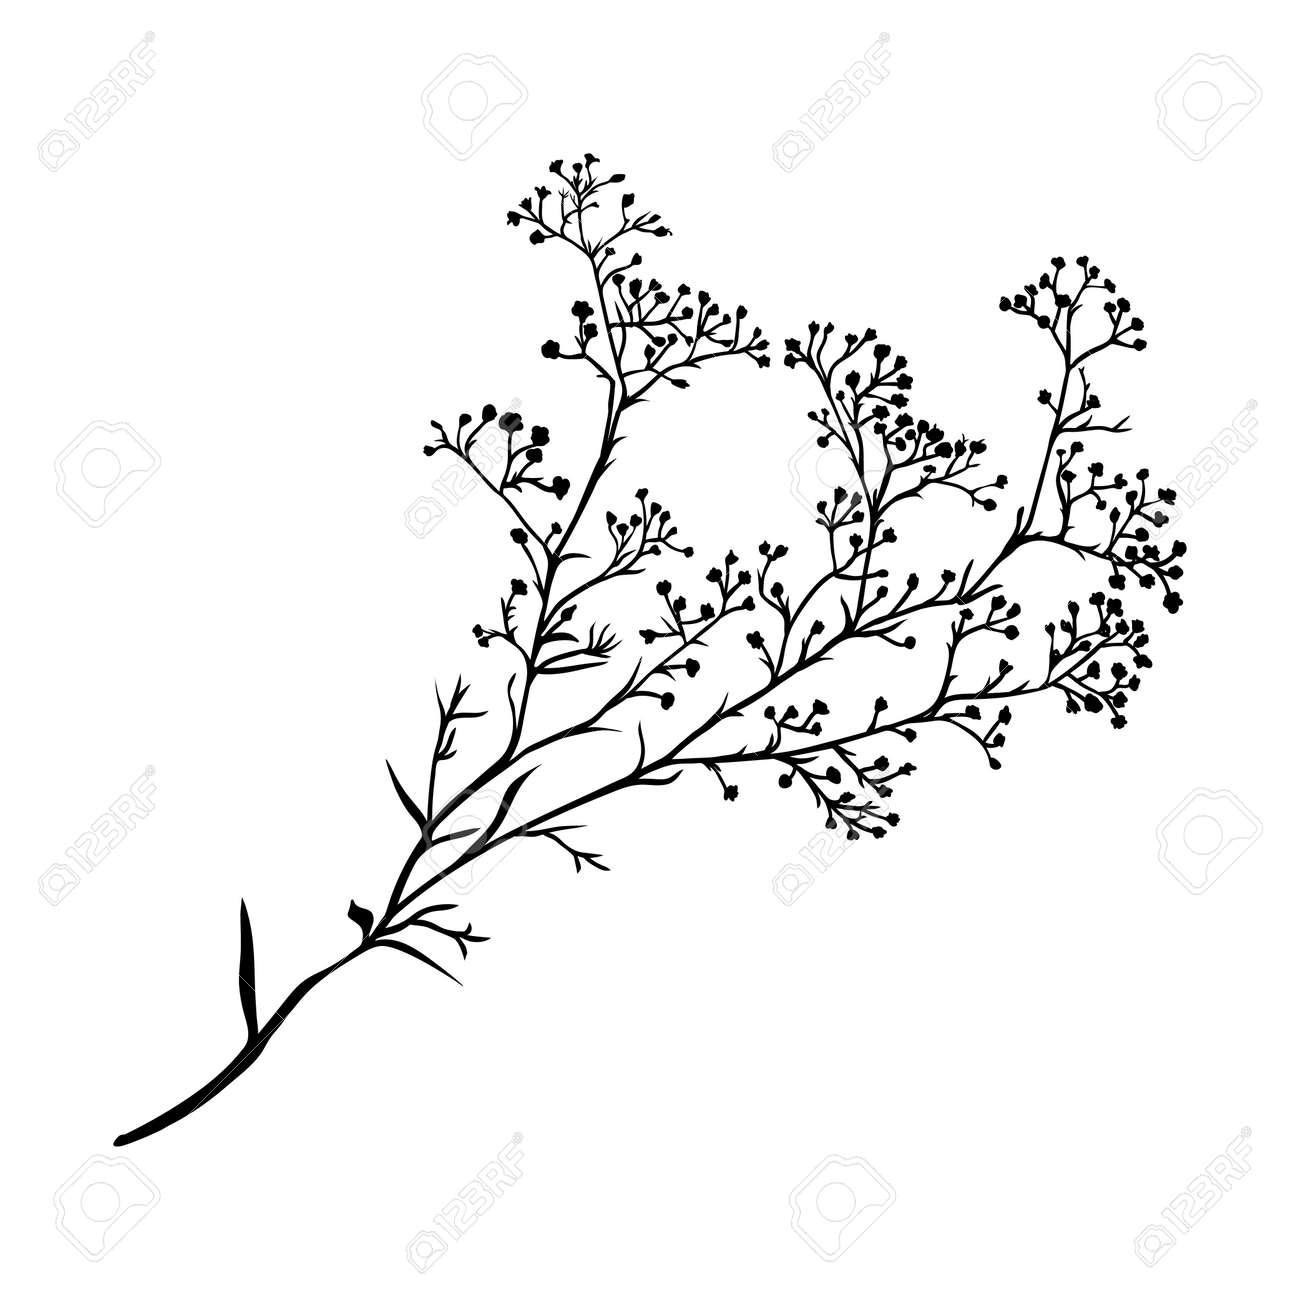 黒と白の色で手描きの美しいシルエット シュッコンカスミソウの支店